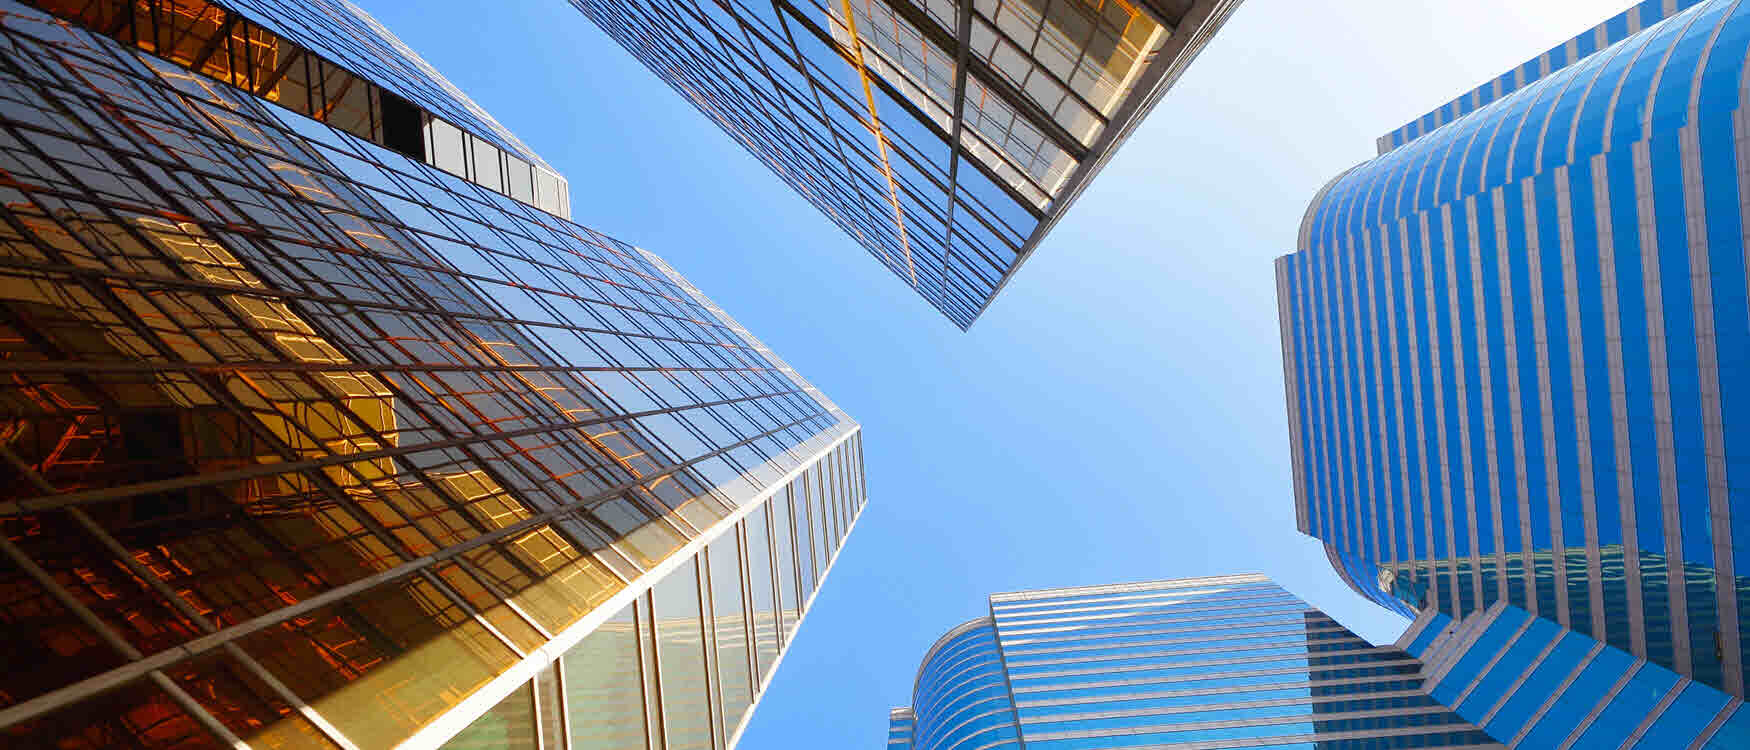 utiliteitsbouw hoogbouw rekensoftware staal en beton